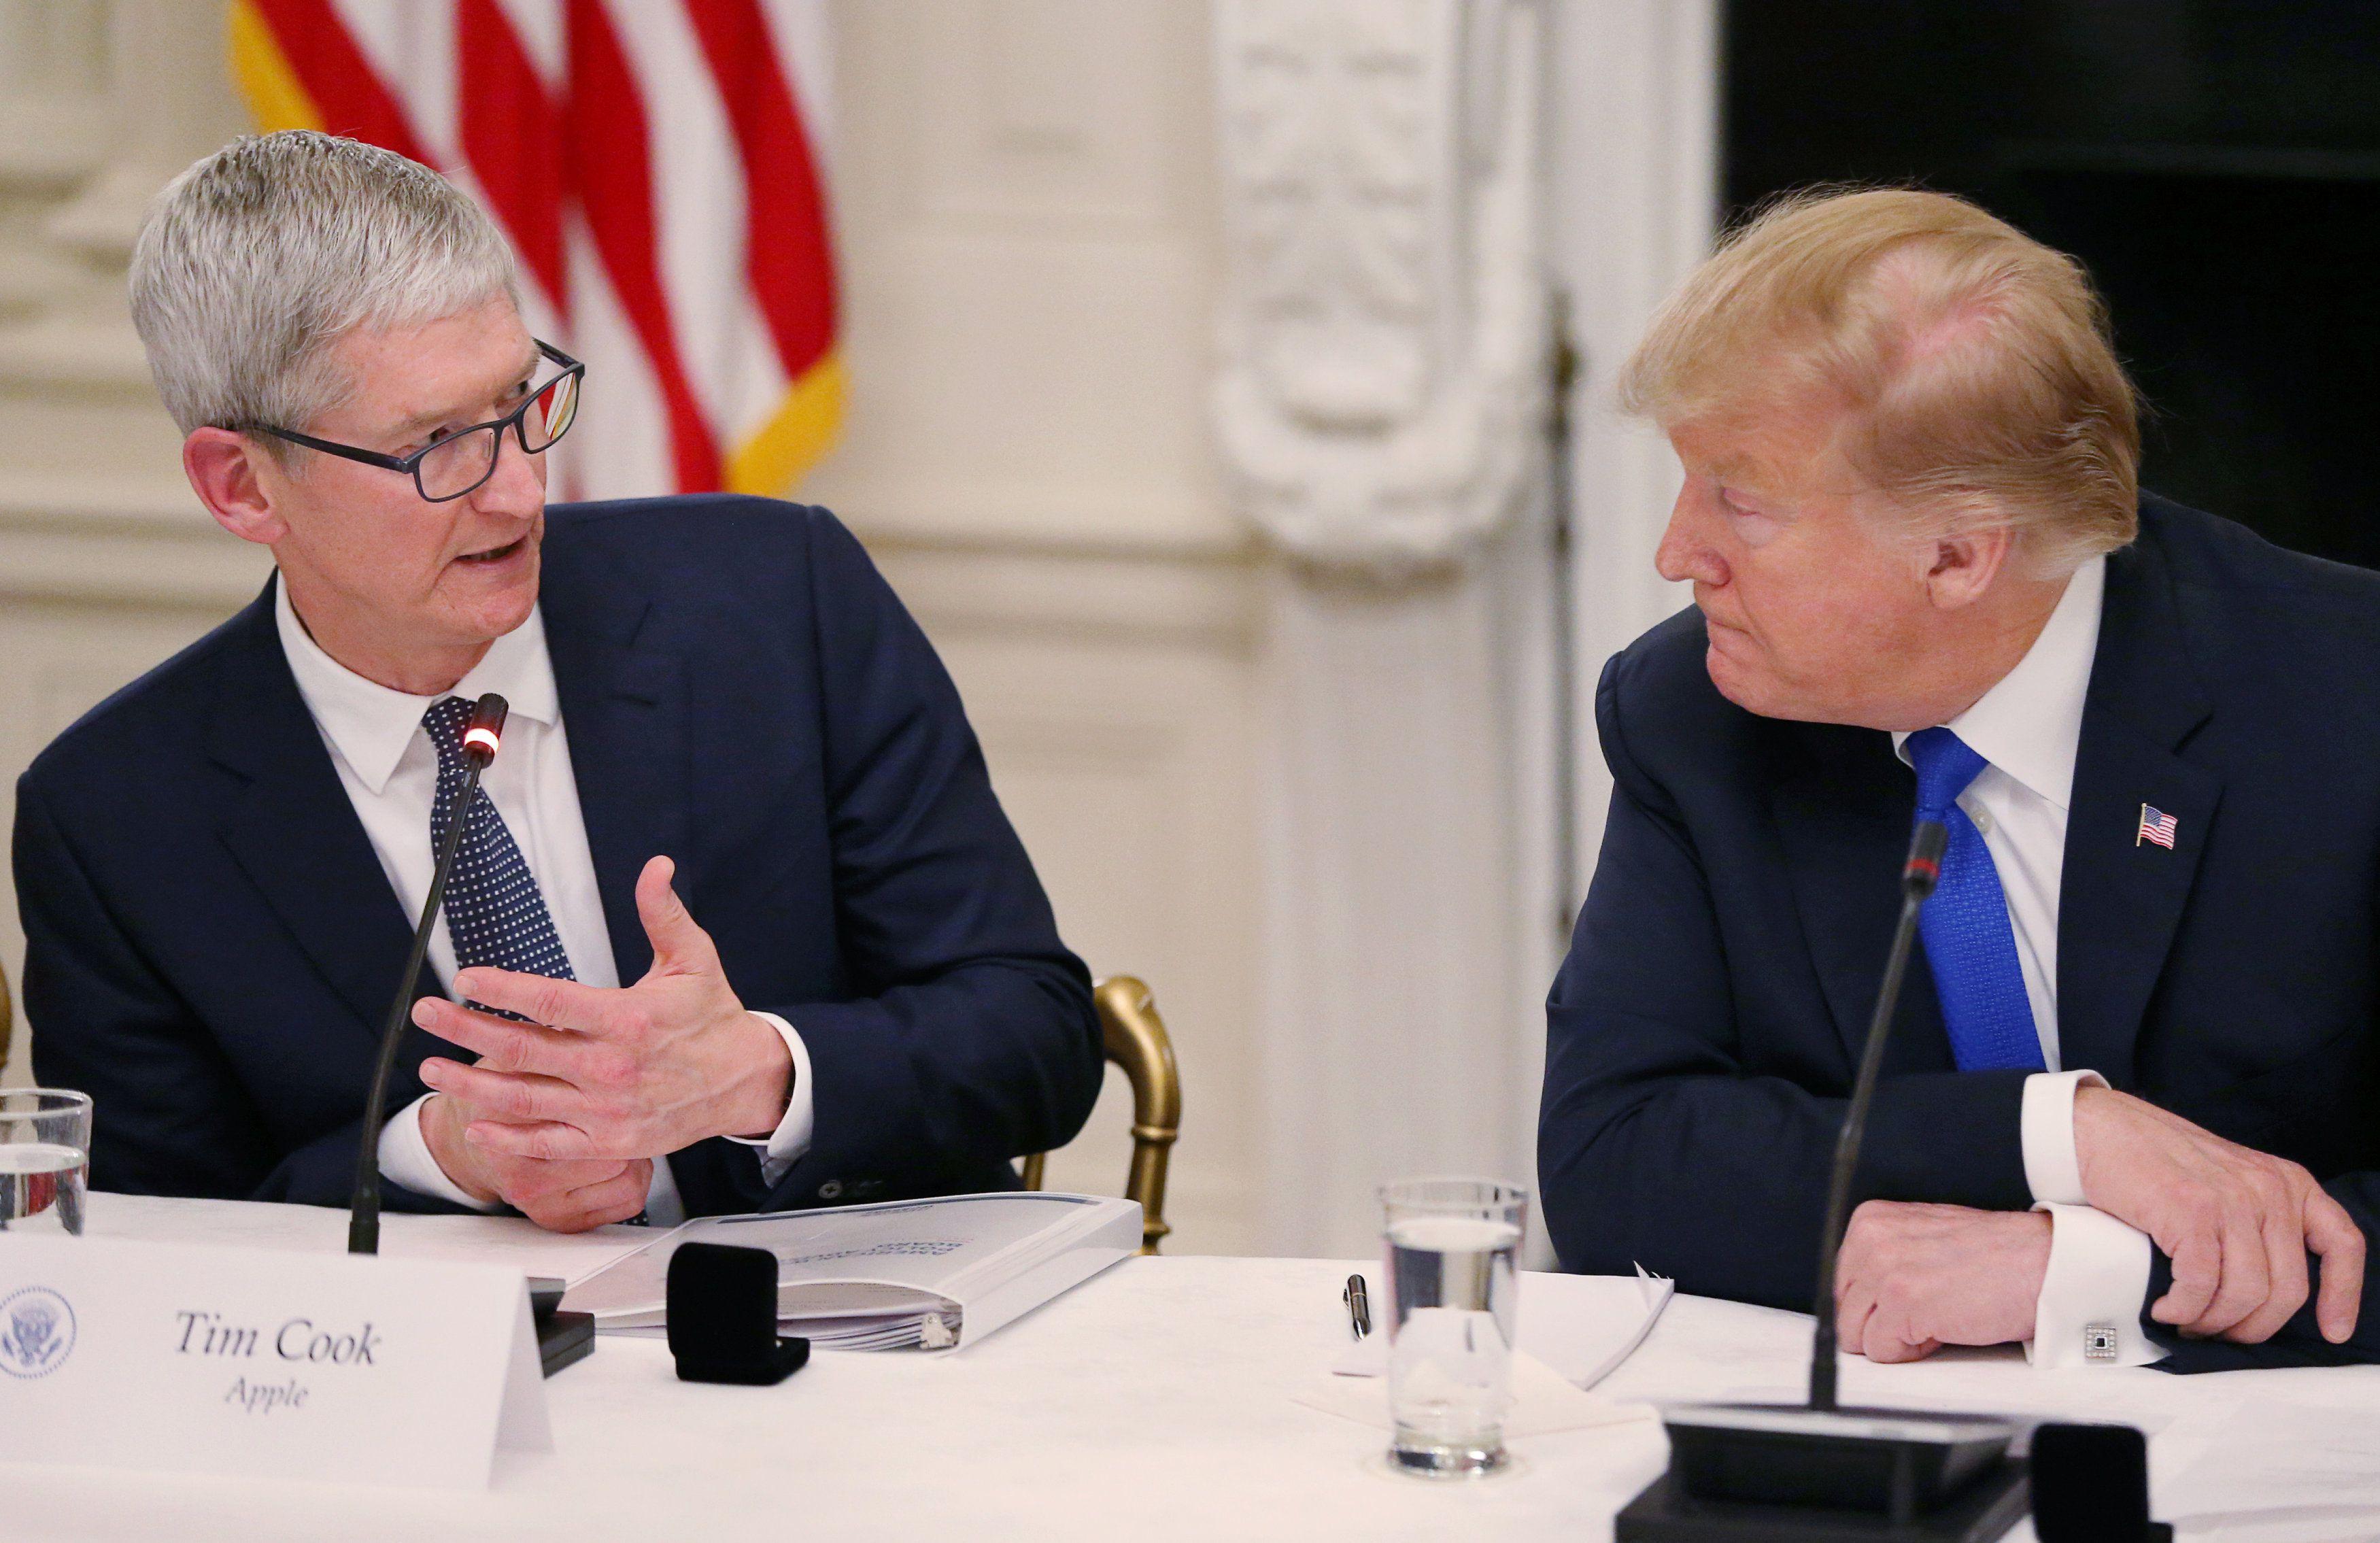 Donald Trump y Tim Cook en un reunión en la Casa Blanca (Foto: Reuters)